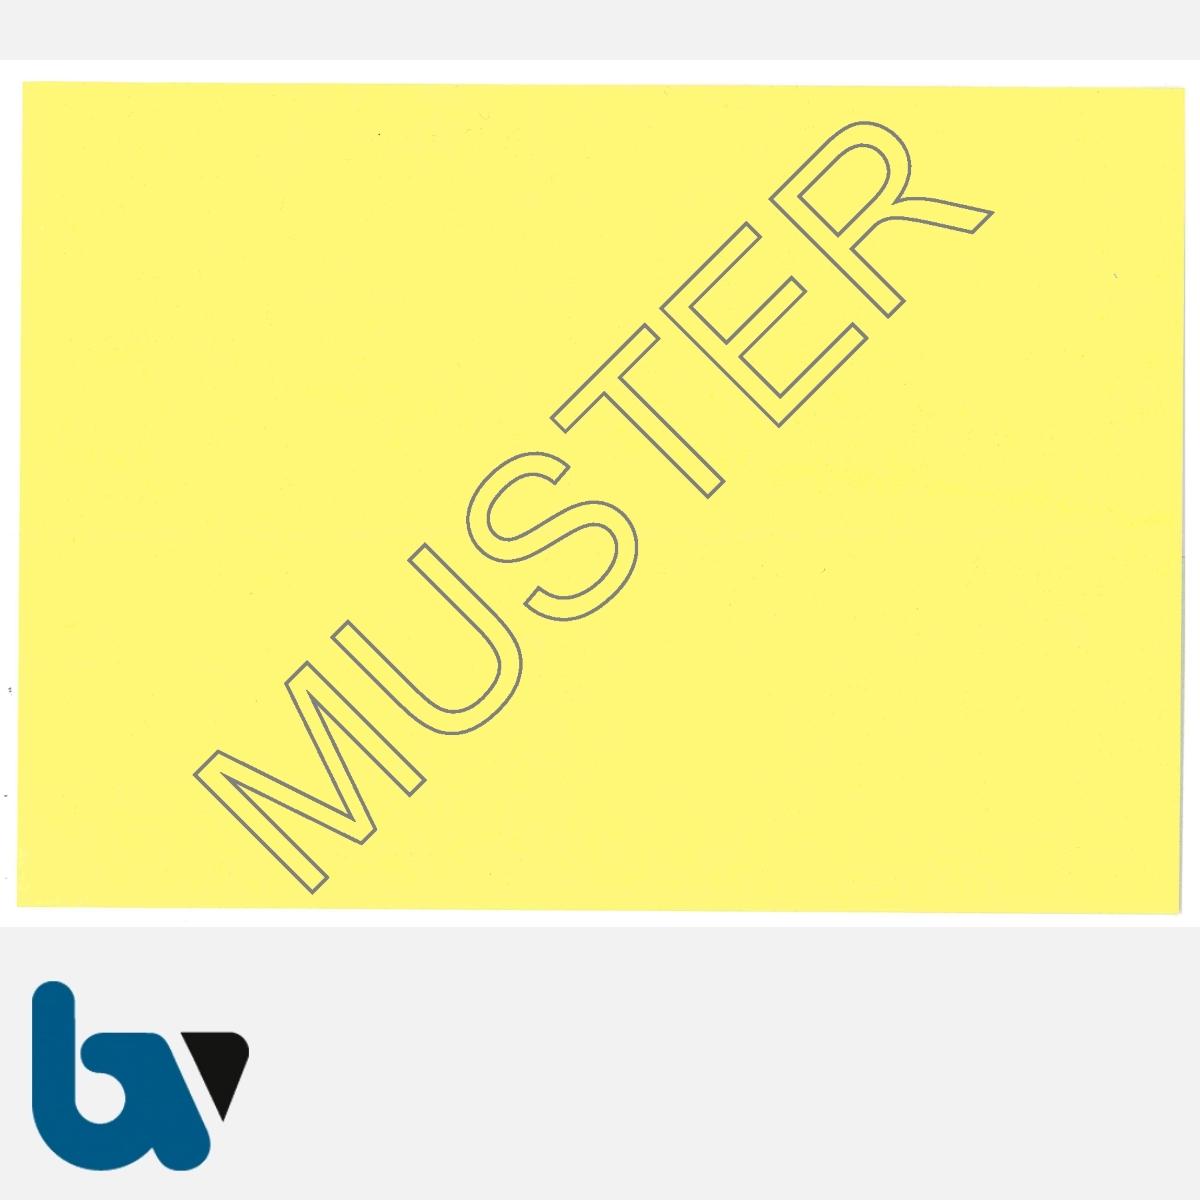 13/456-3 Jugendfischereischein Thüringen gelb Neobond Muster RS   Borgard Verlag GmbH